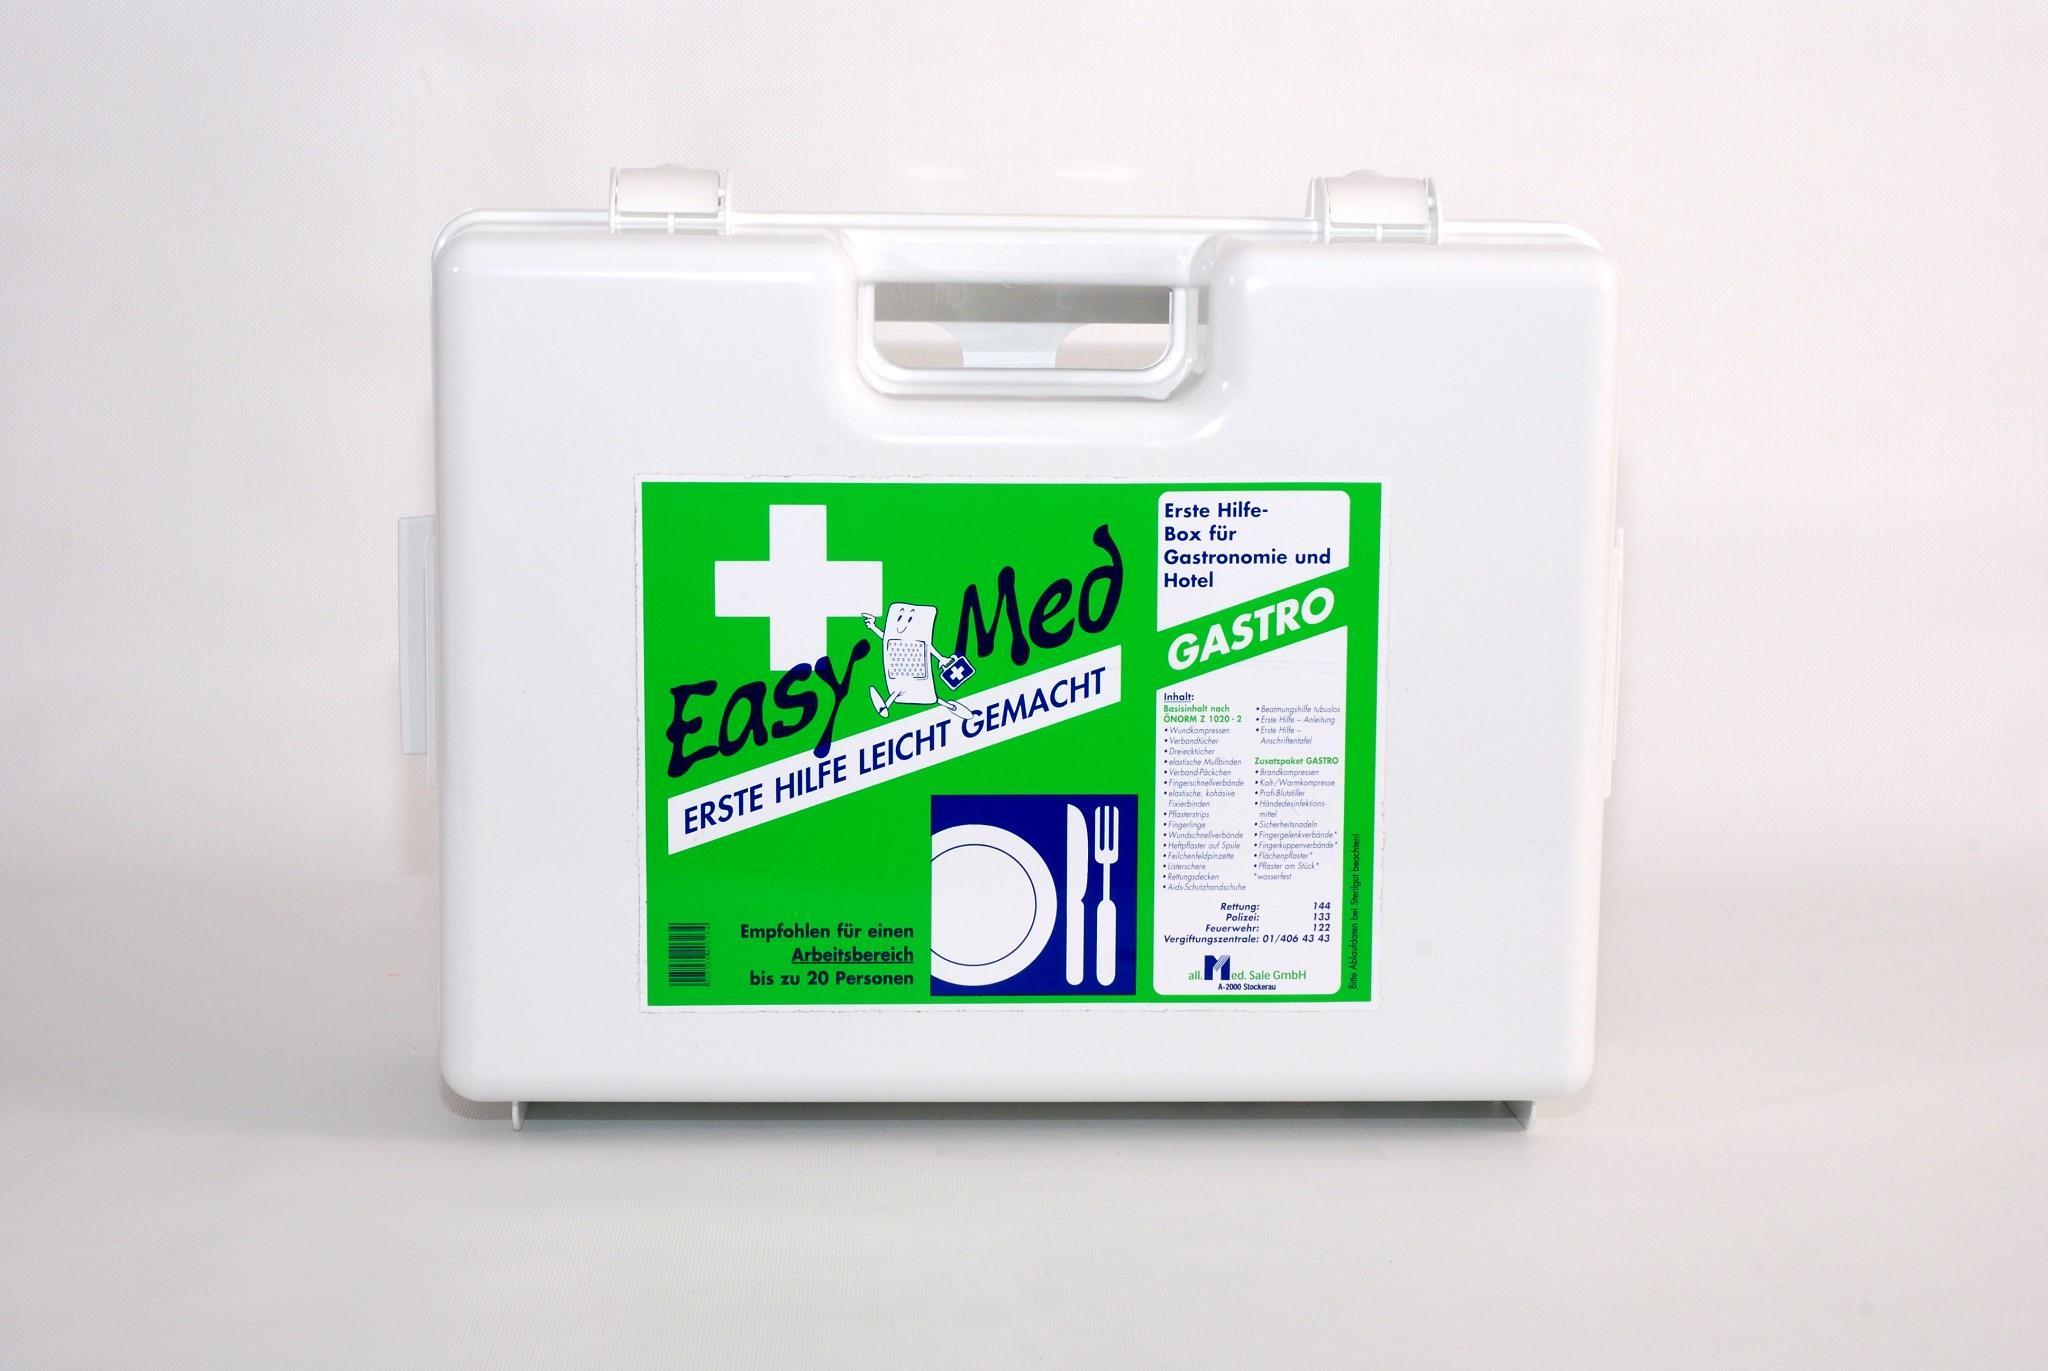 EasyMed Erste Hilfe Kasten Gastro Type 2